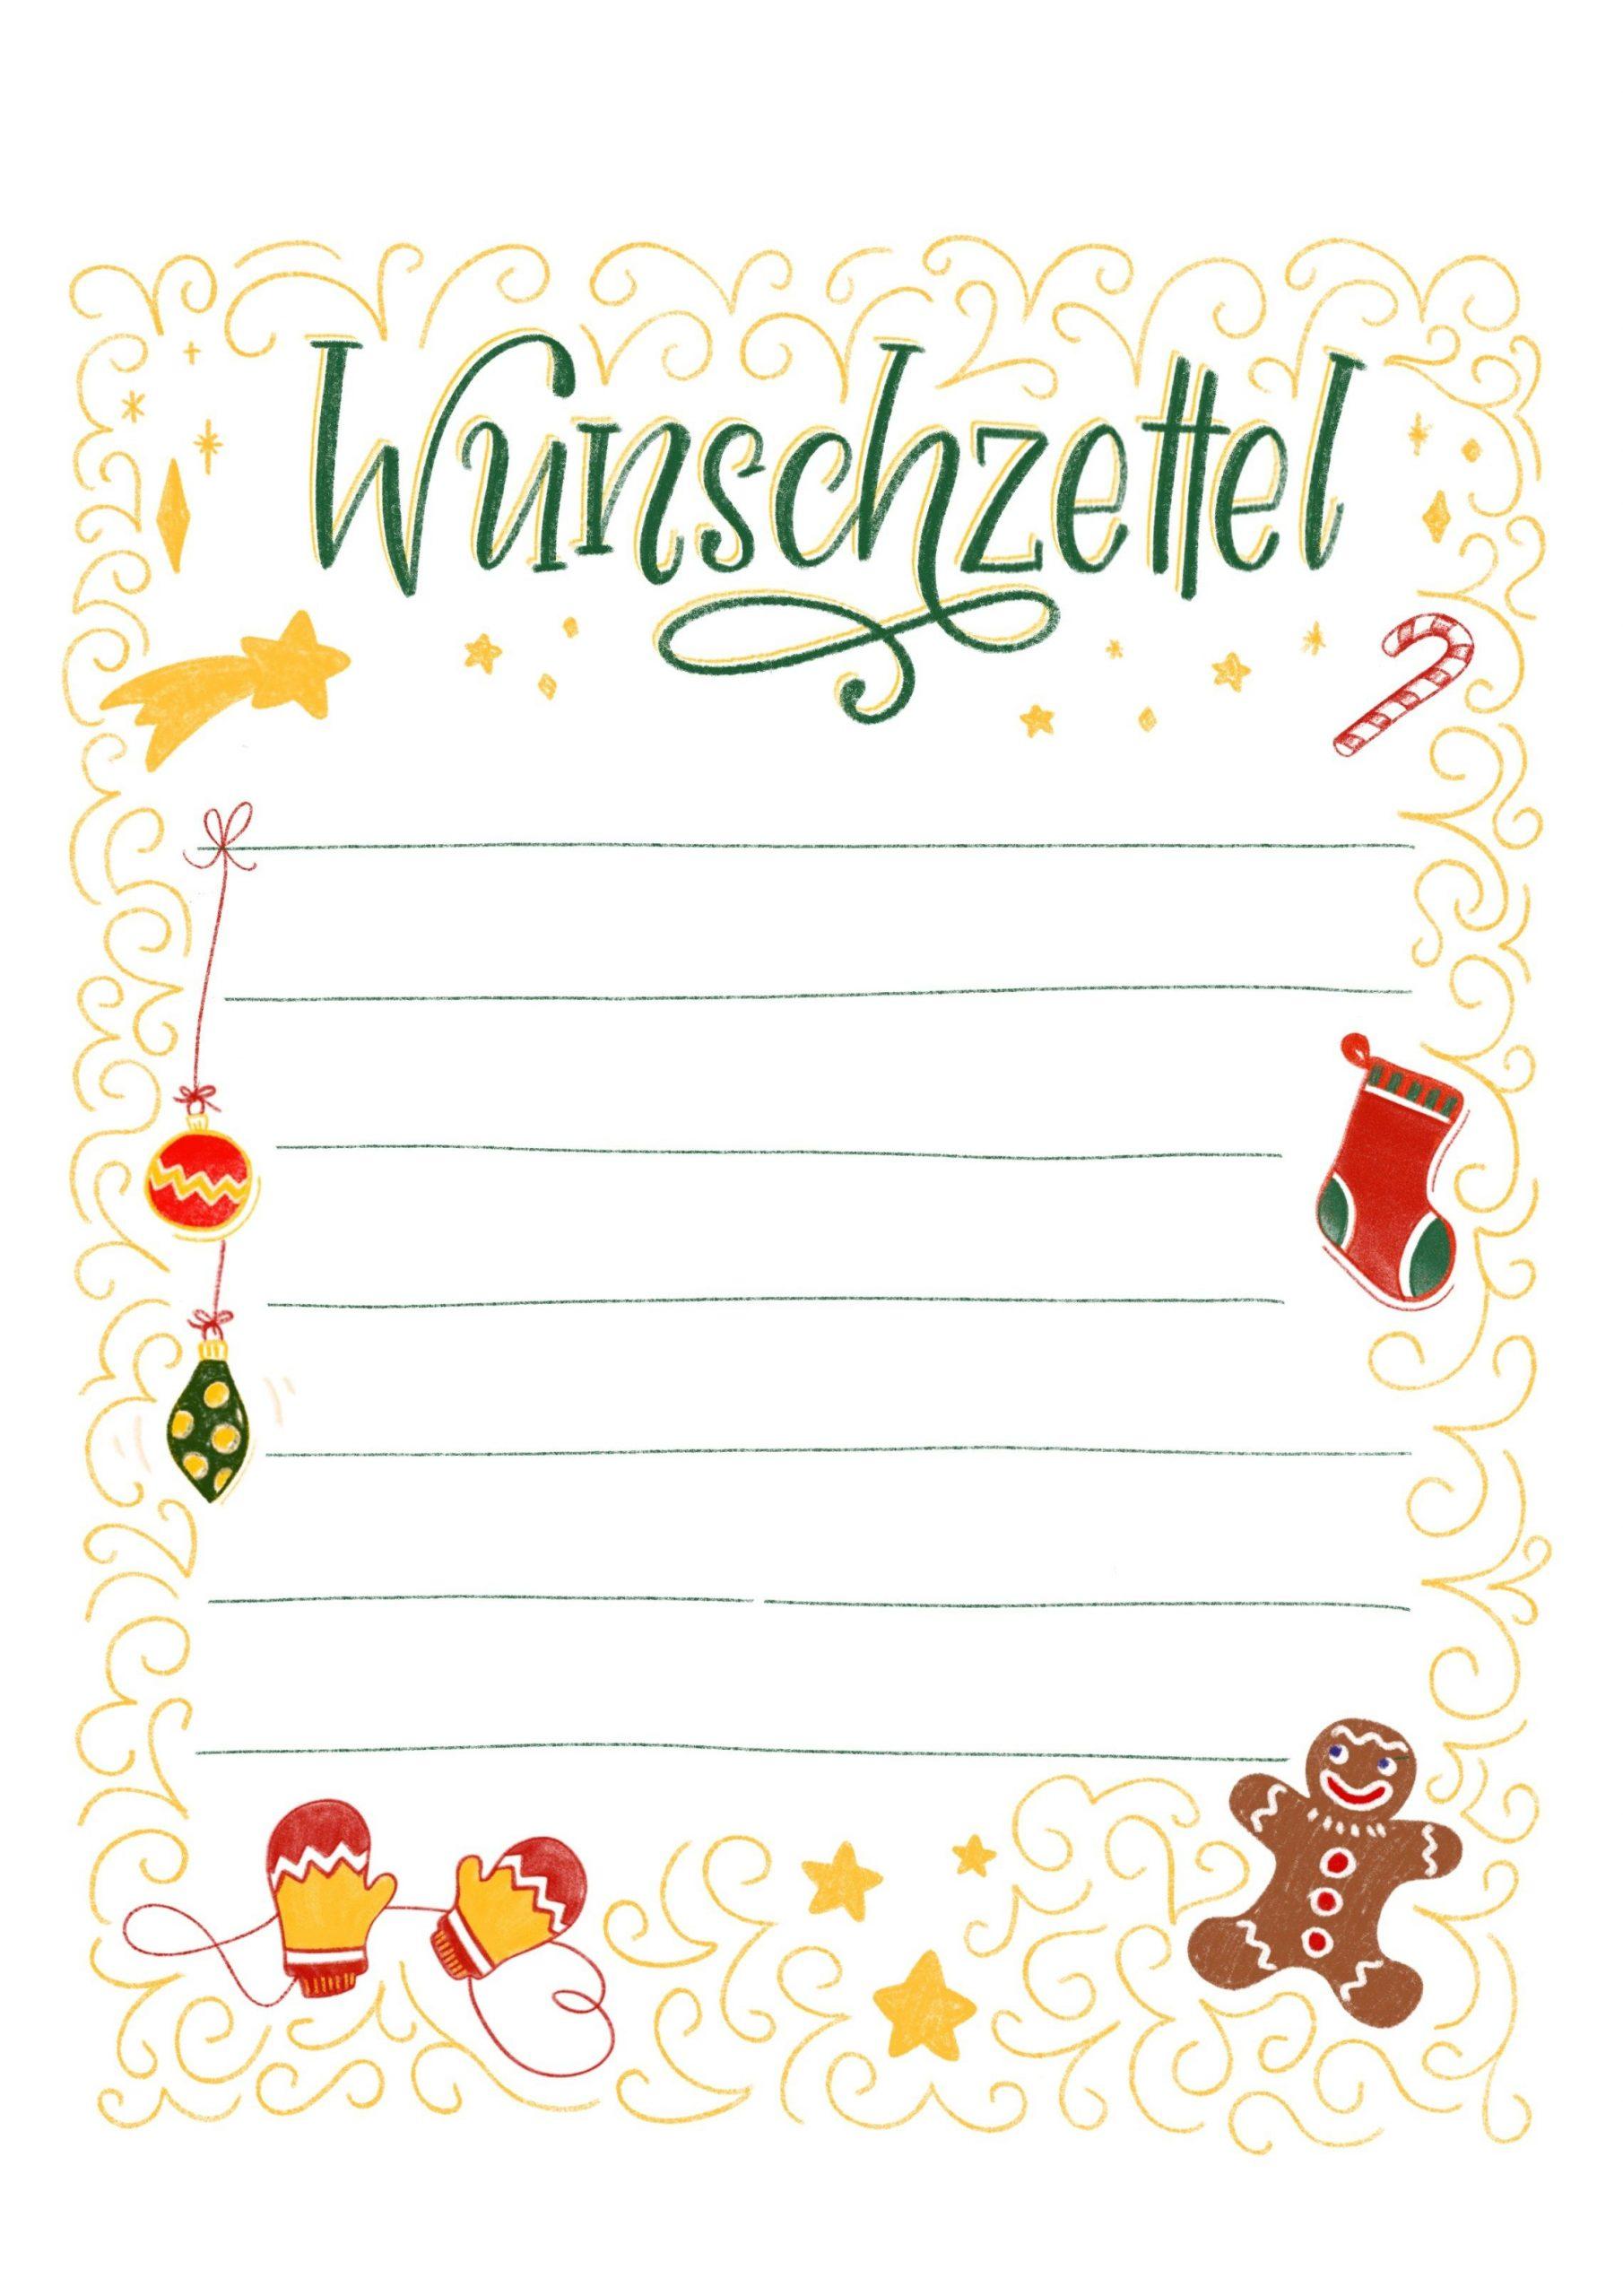 Wunschzettel - Vorlage Zum Ausdrucken   Bunte Galerie in Weihnachtskarte Vorlage